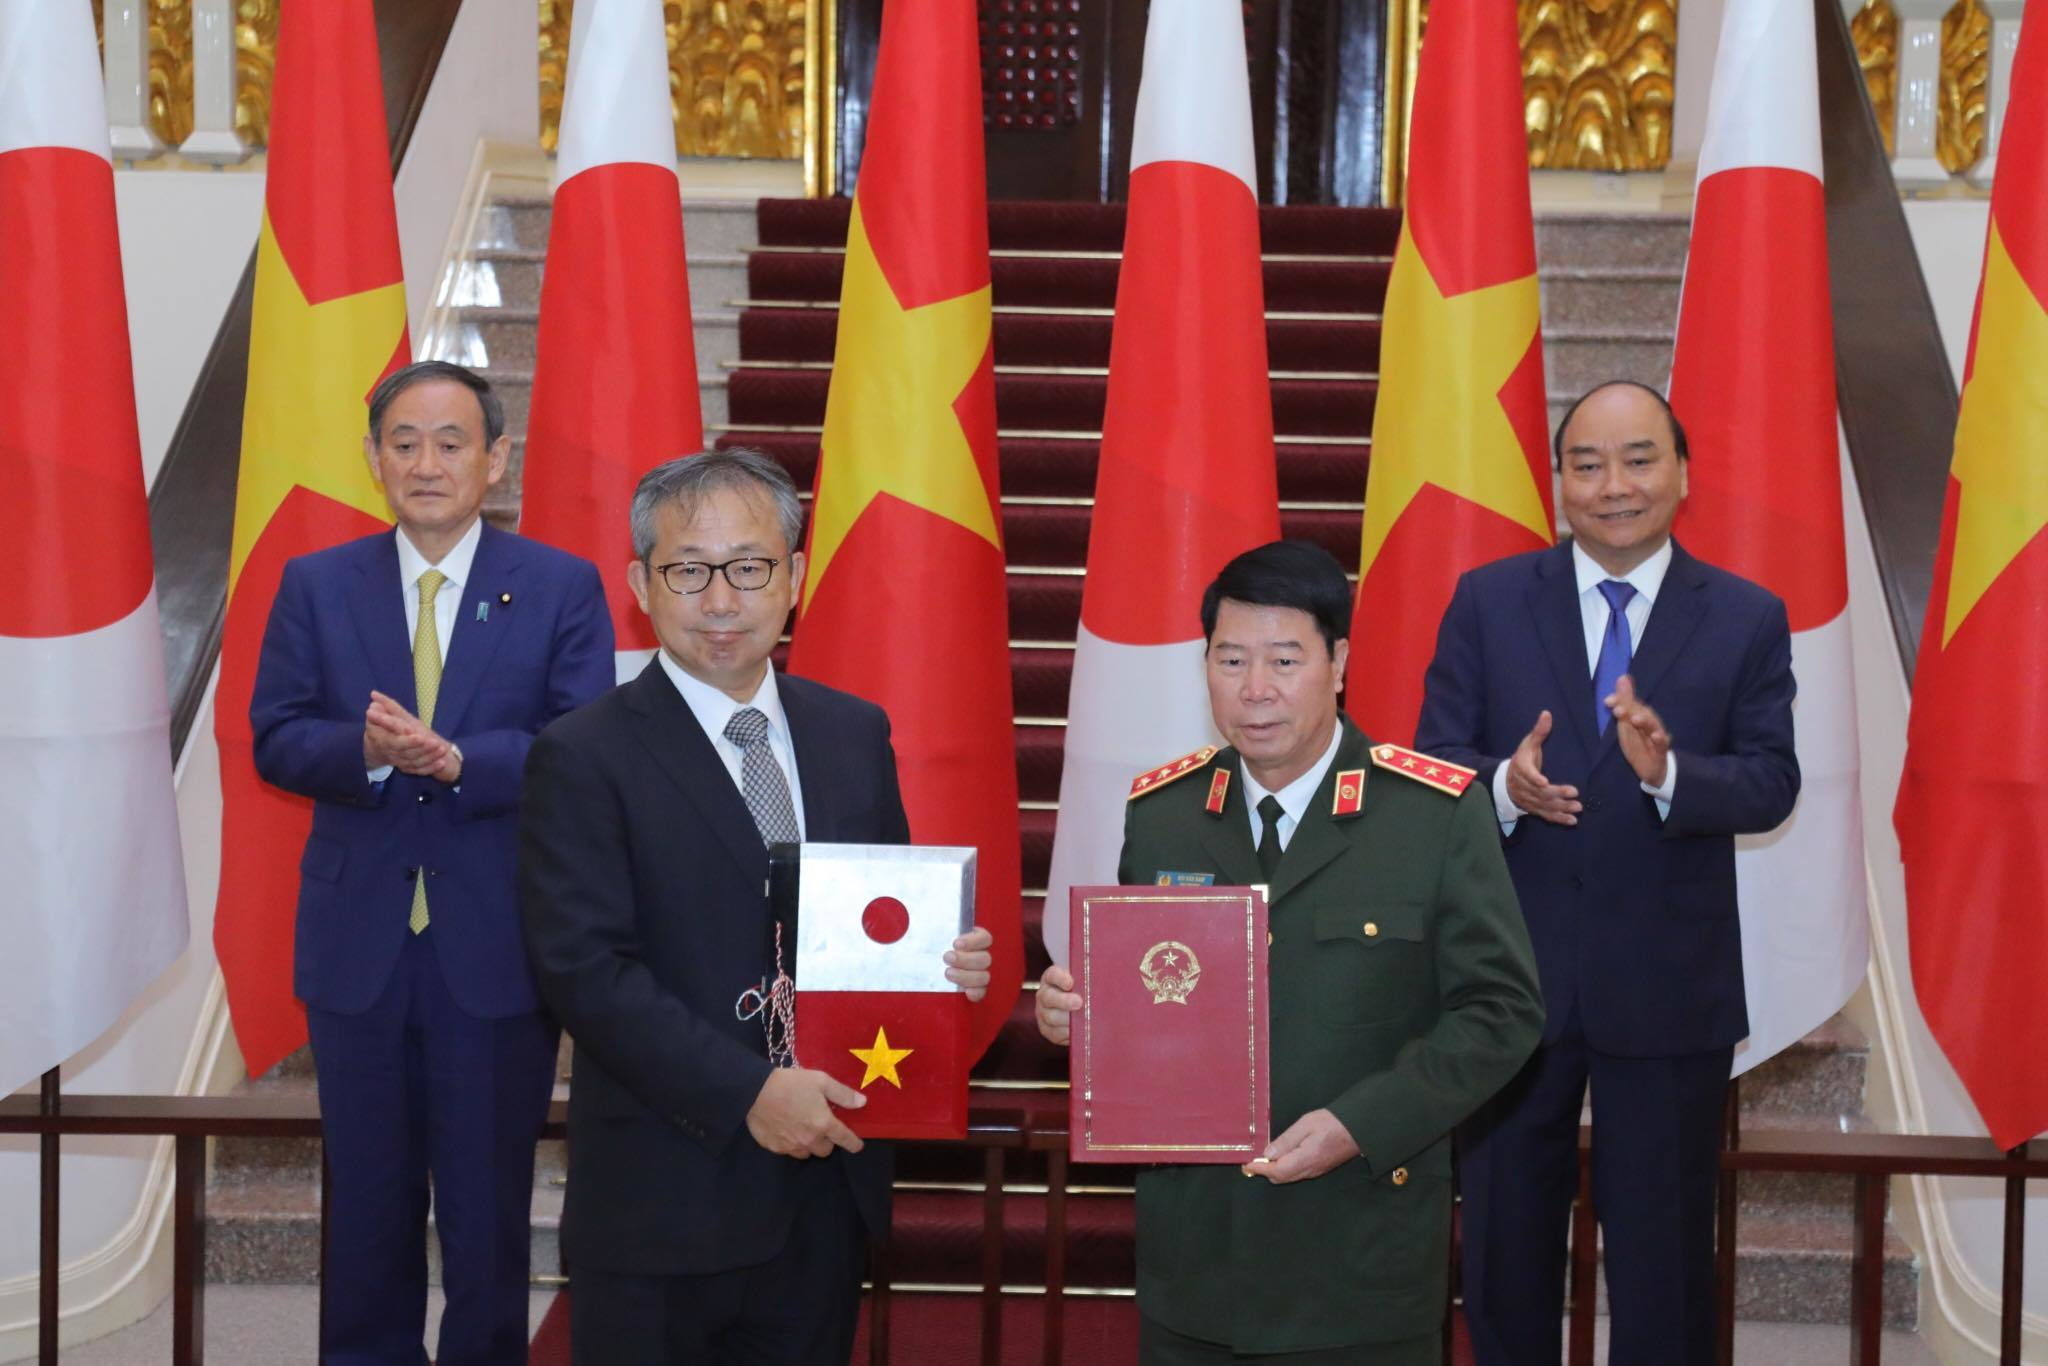 Thủ tướng Nhật cam kết hỗ trợ khẩn cấp Việt Nam khắc phục lũ lụt